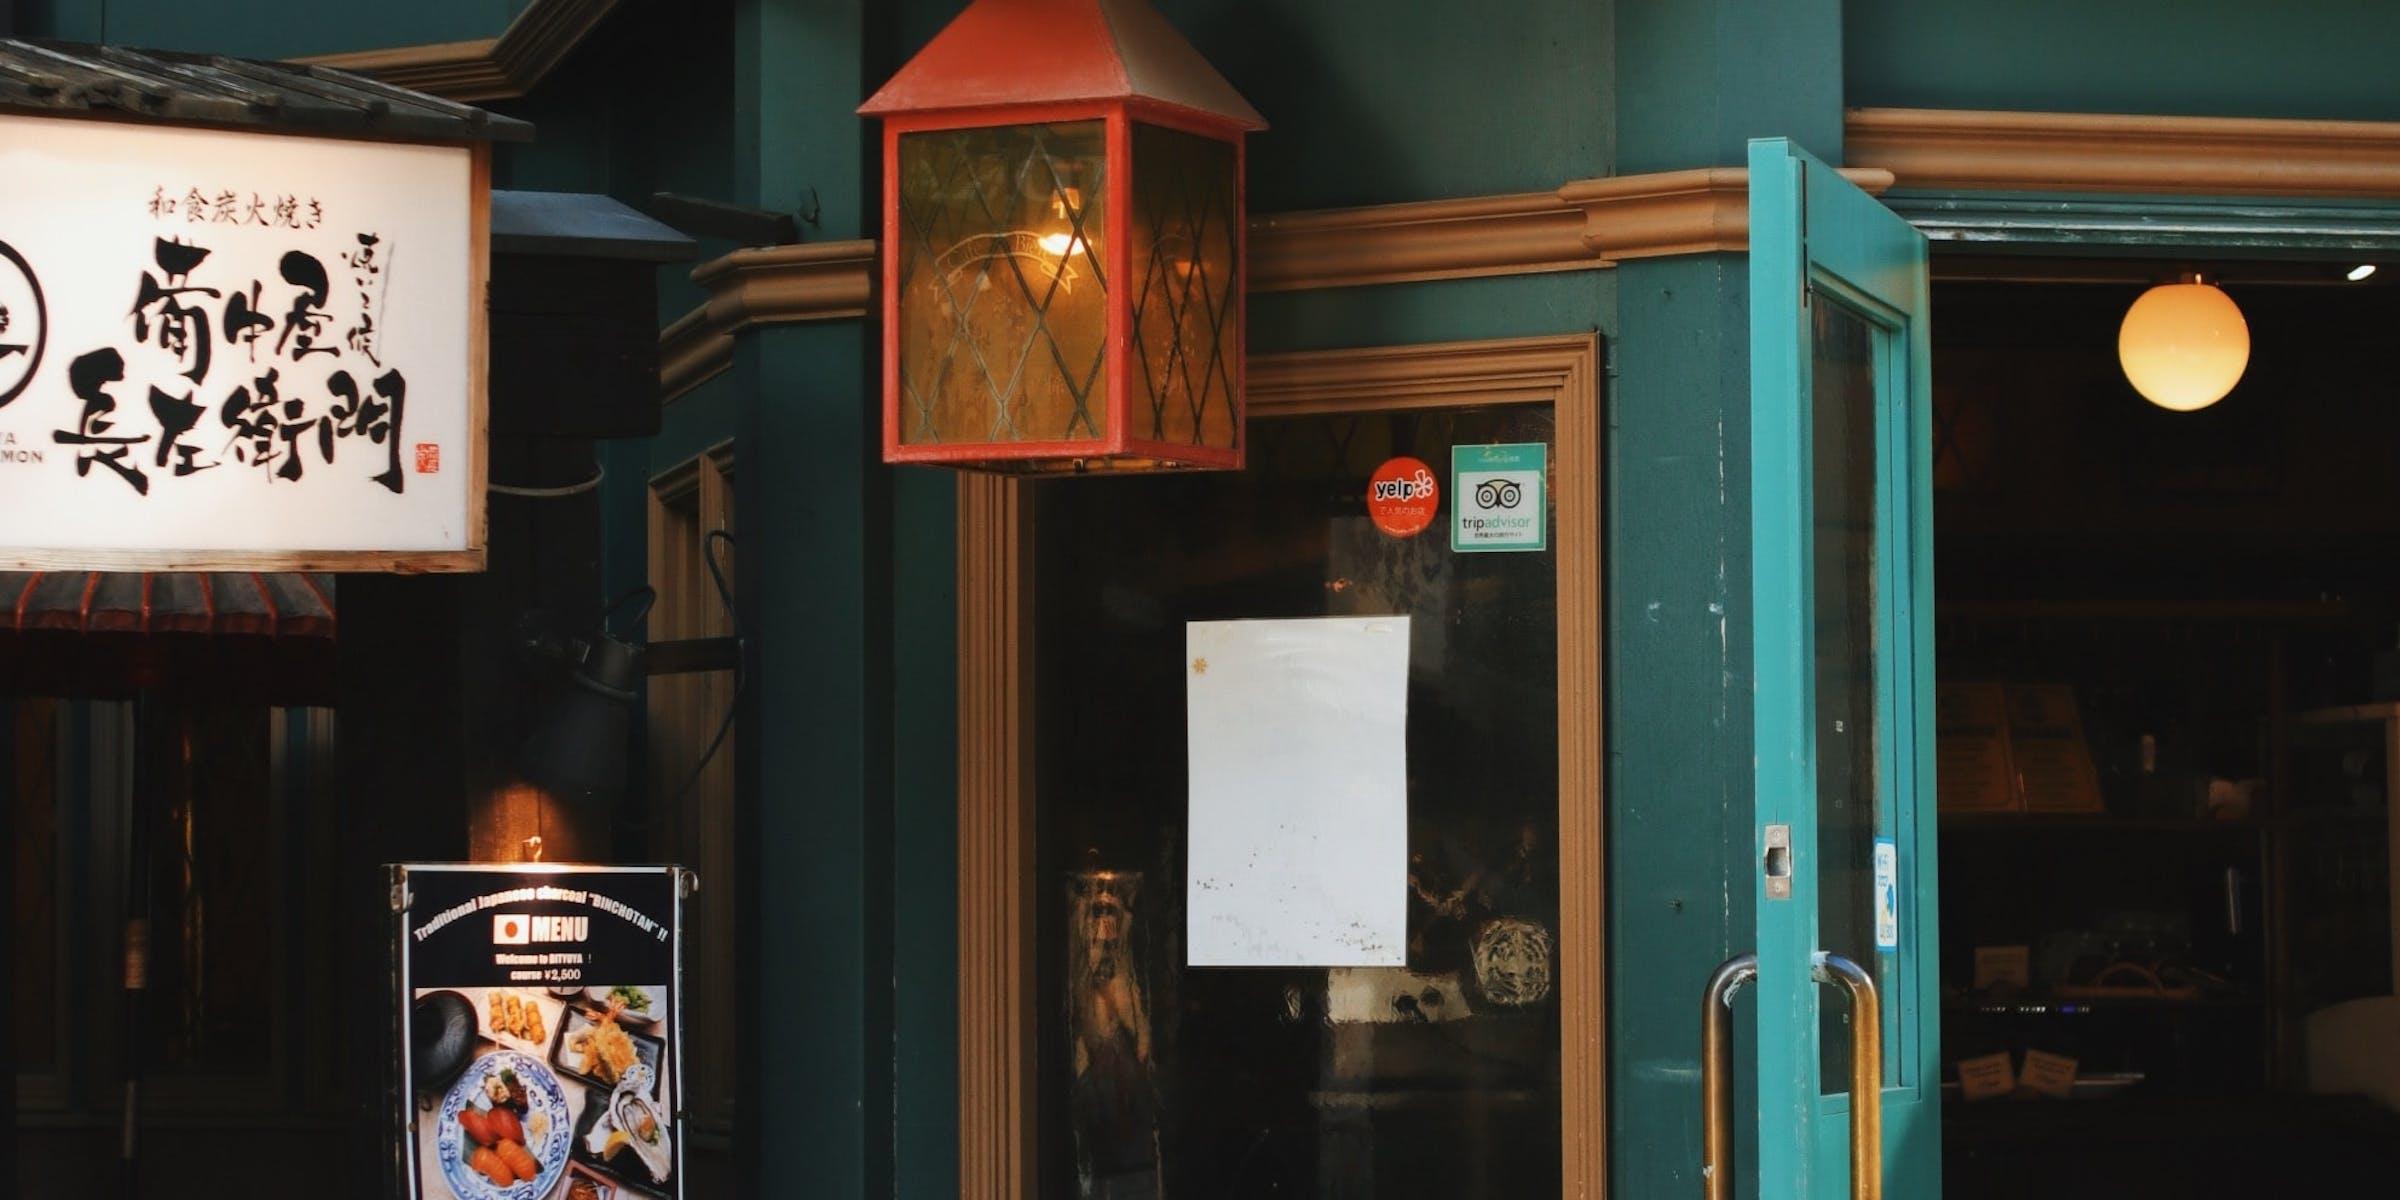 Цифровые вывески на ресторанах